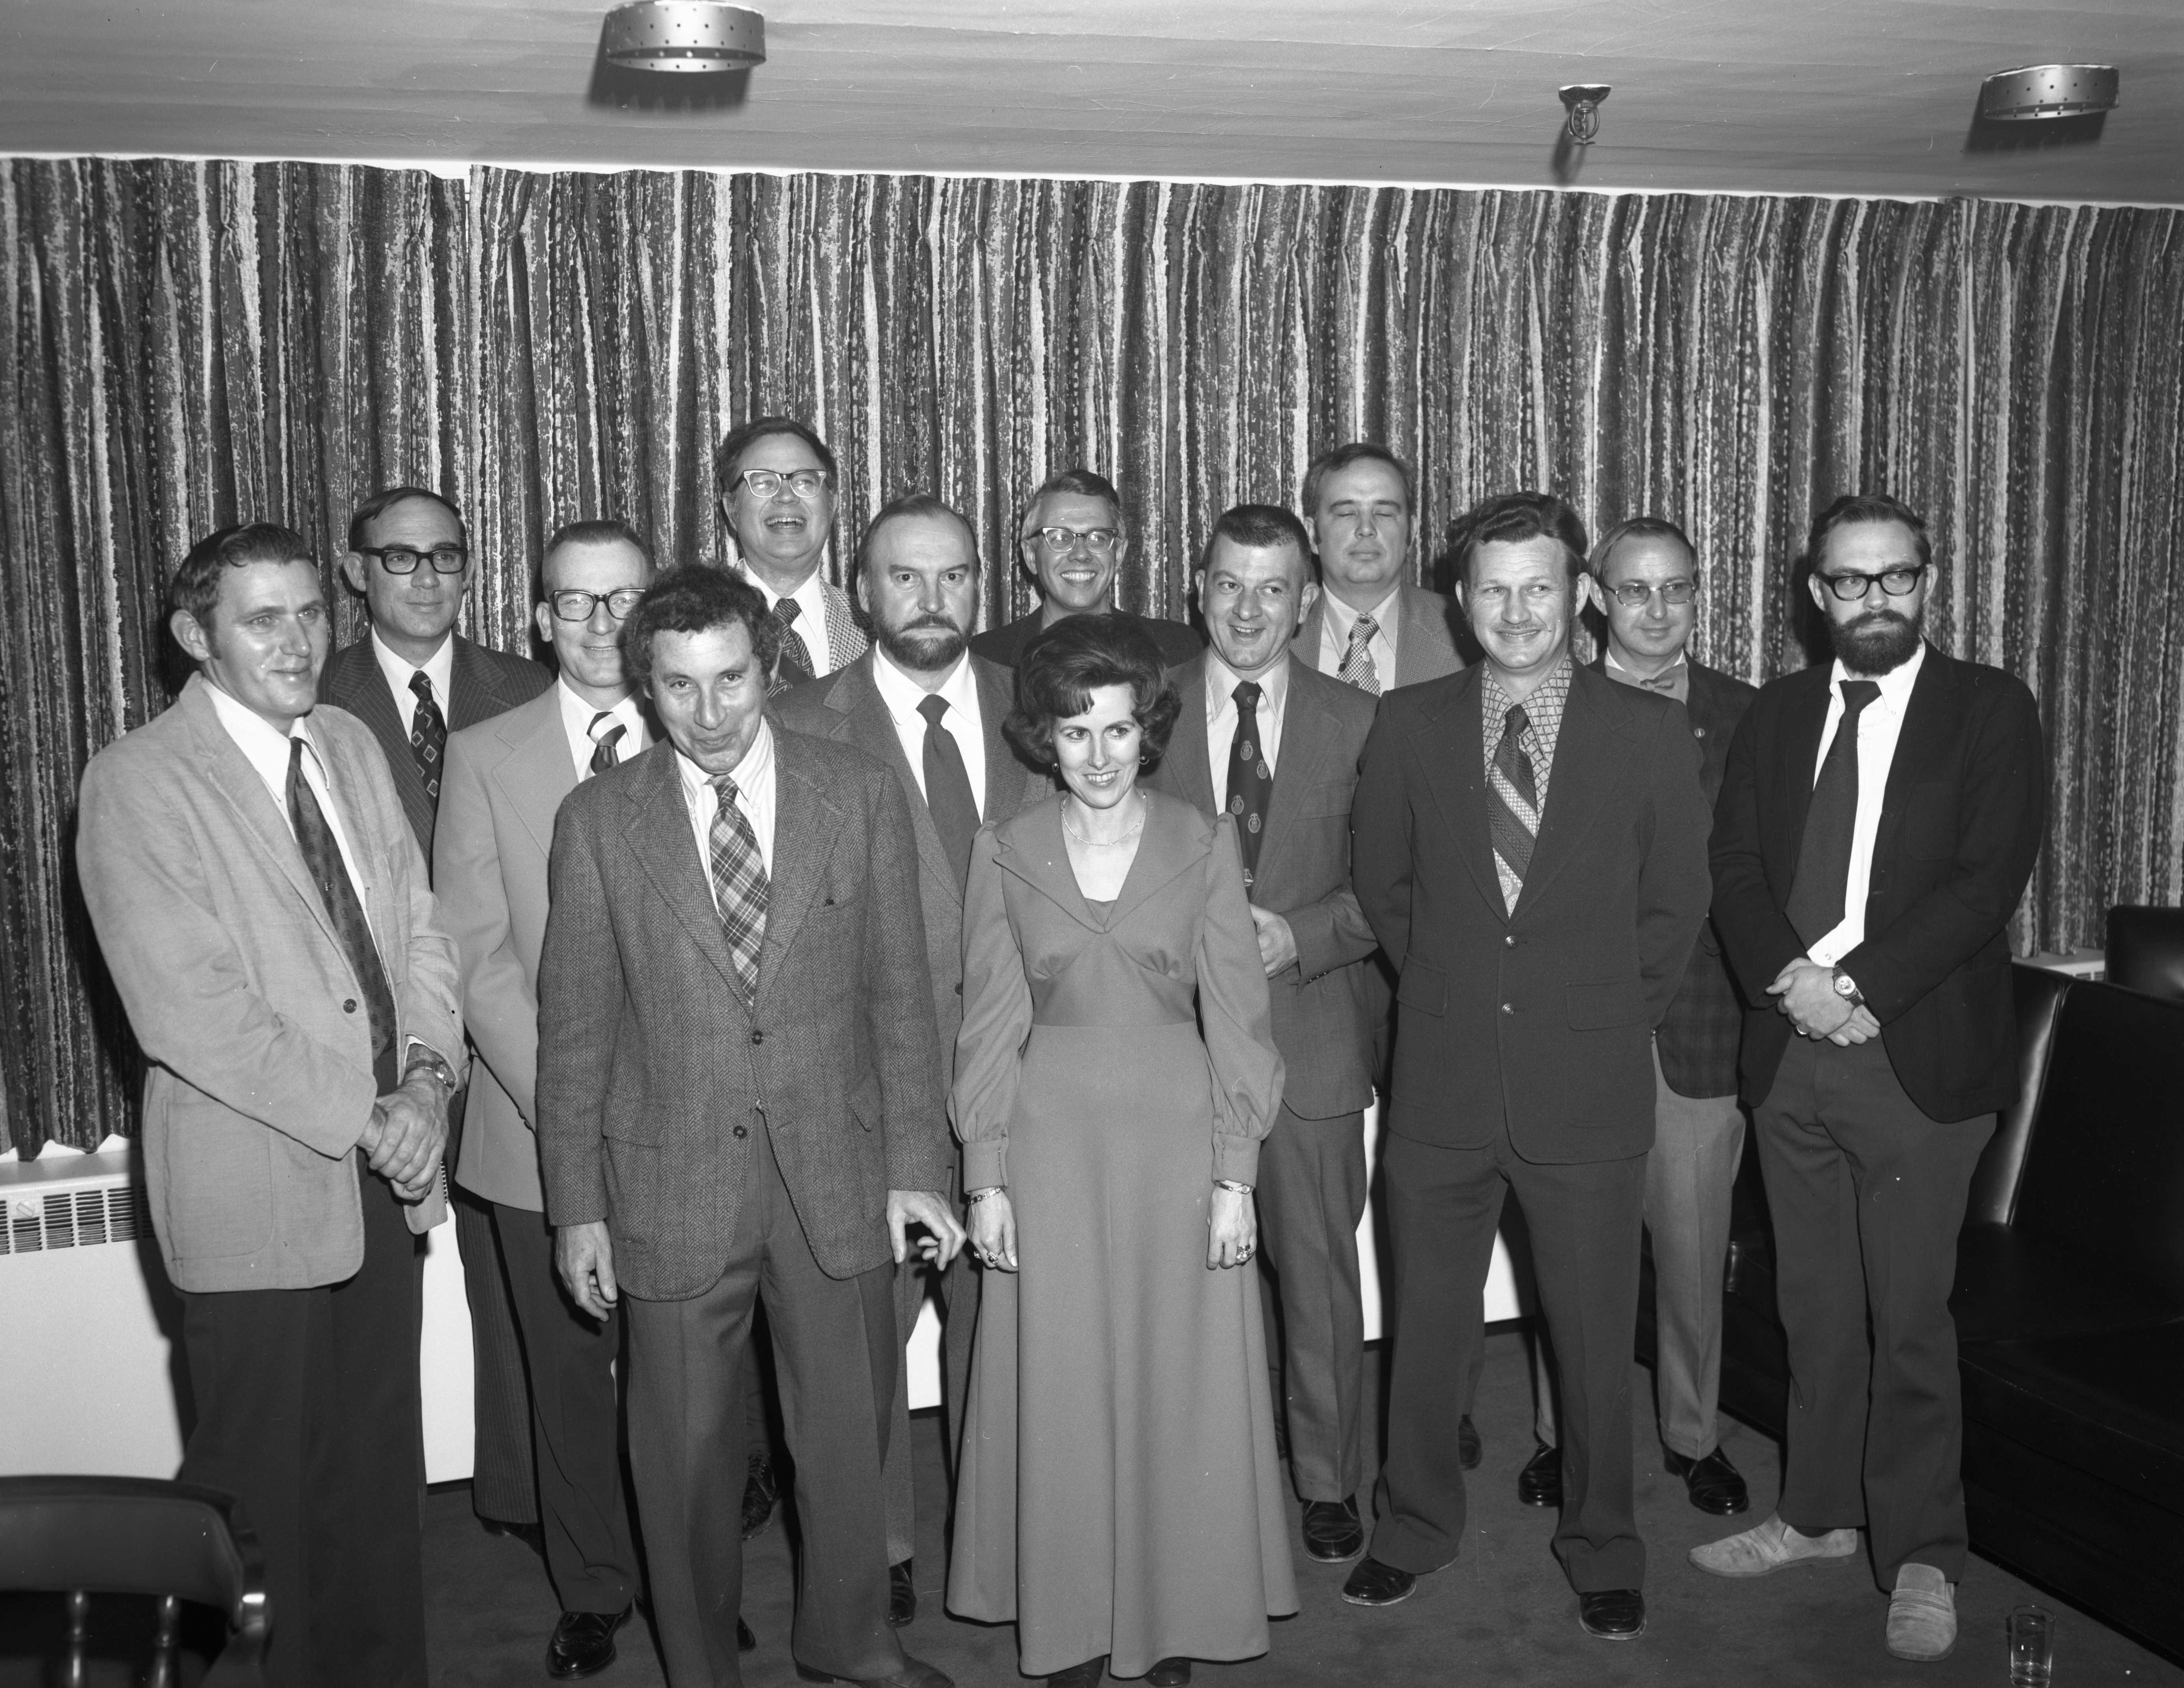 10 Year Service Awards, 1975